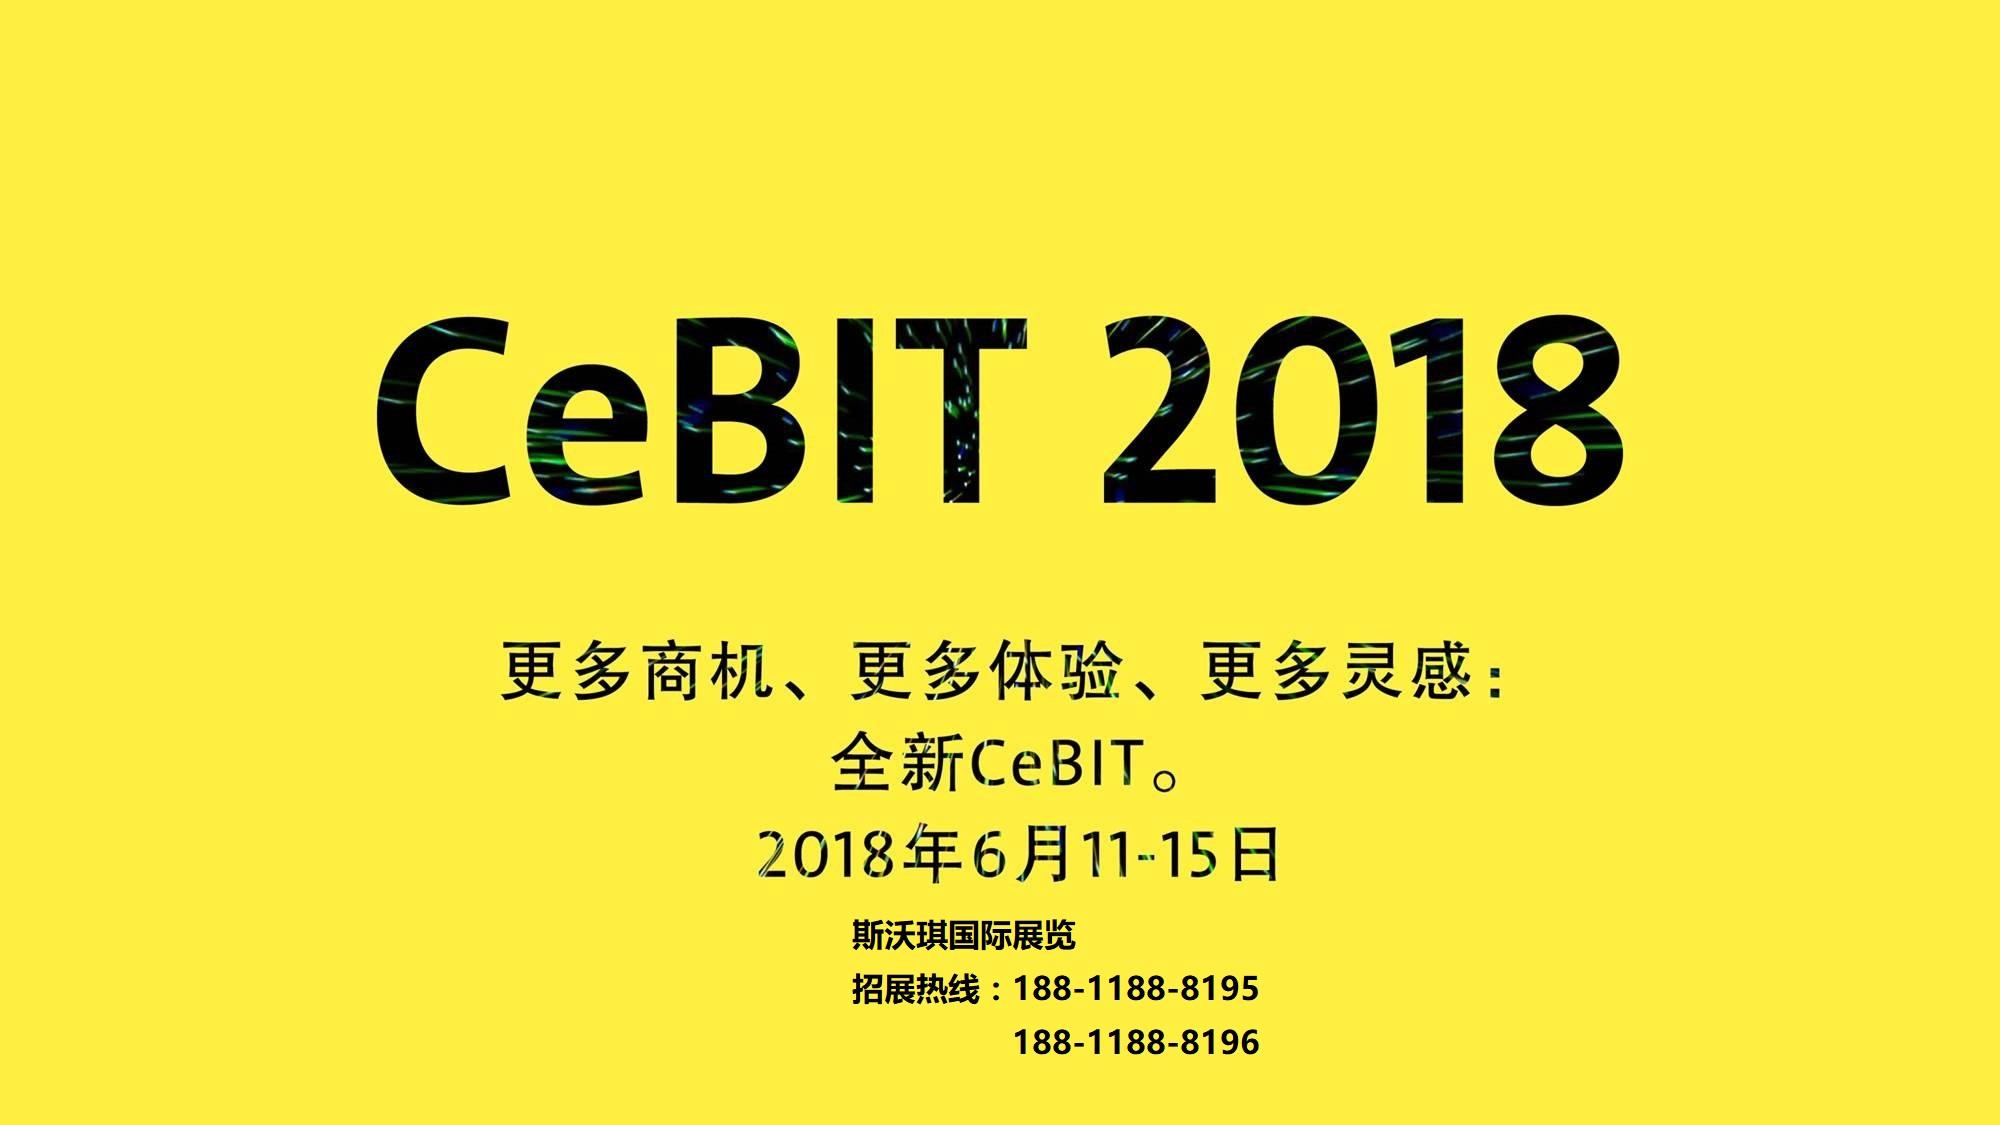 德国汉诺威消费电子、信息及通信博览会(CeBIT)2018年6月11-15日